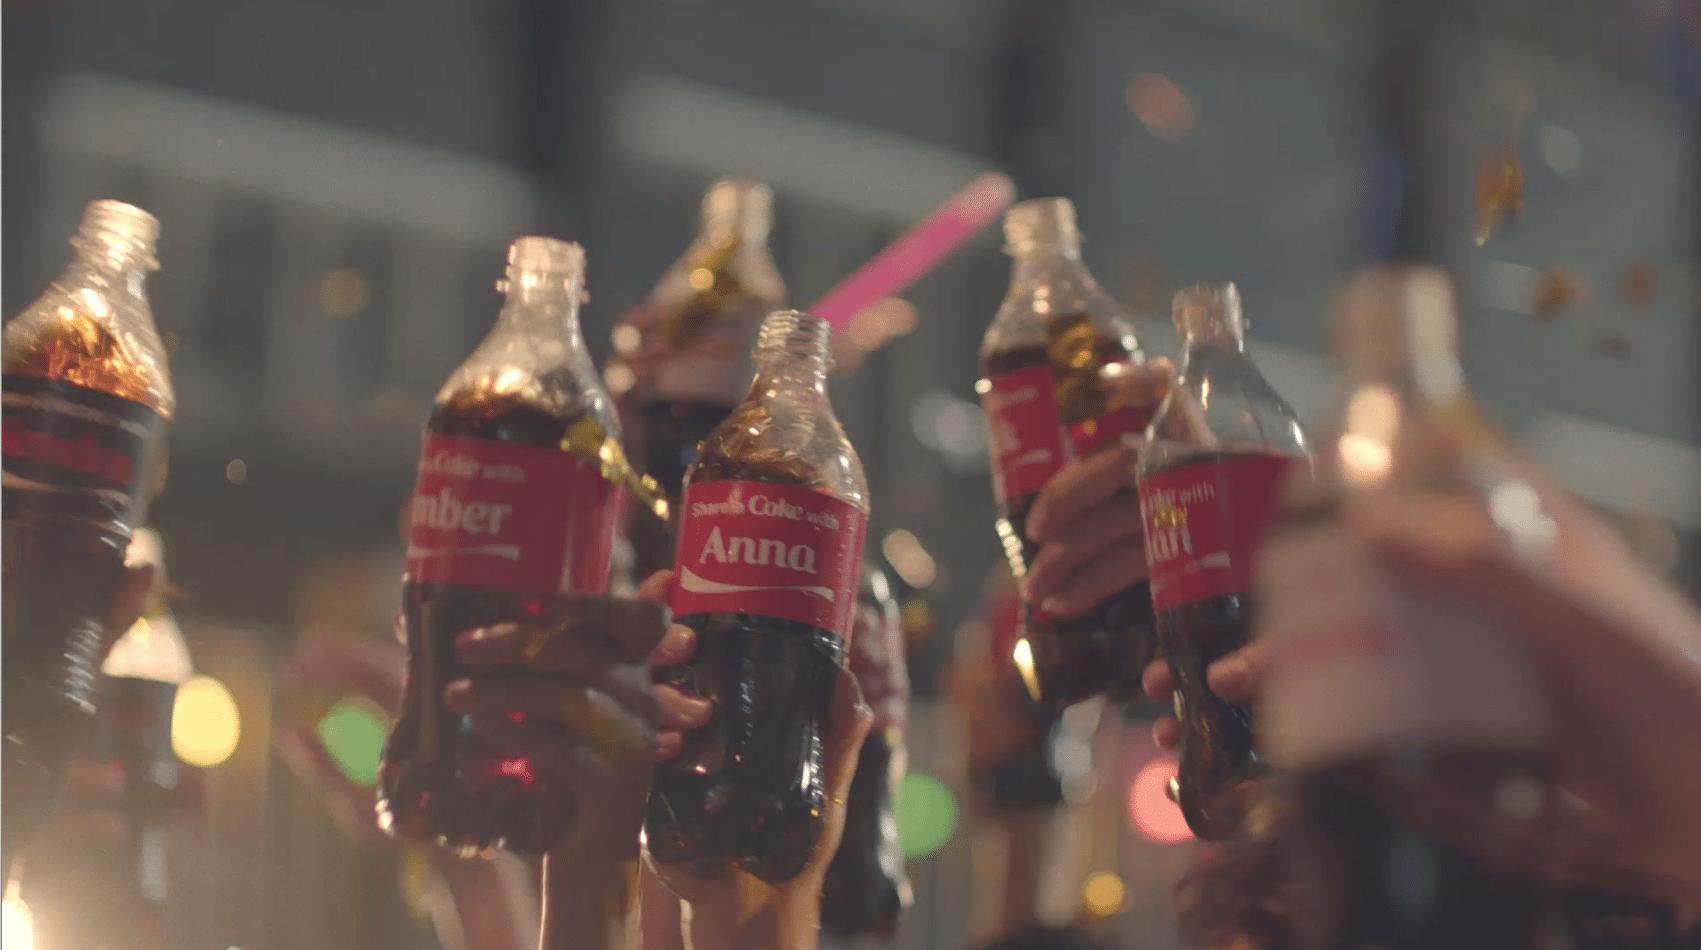 11-coke-videos-lead